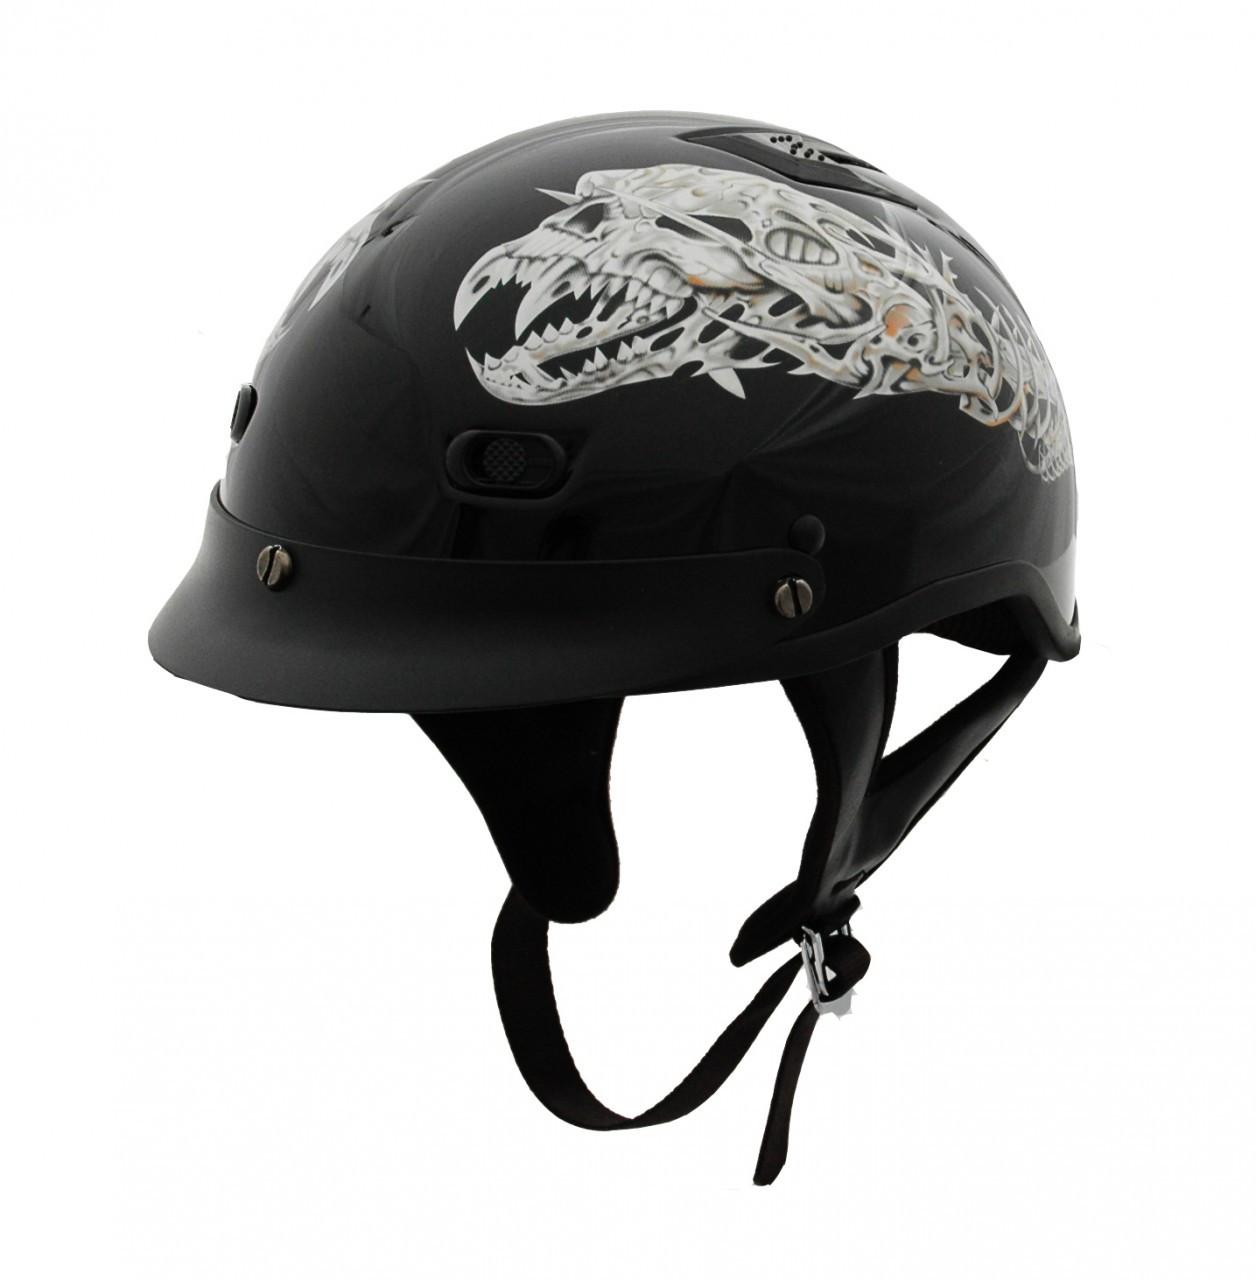 86b9d57b0c9 DOT Polo Jockey Alien Motorcycle Helmet